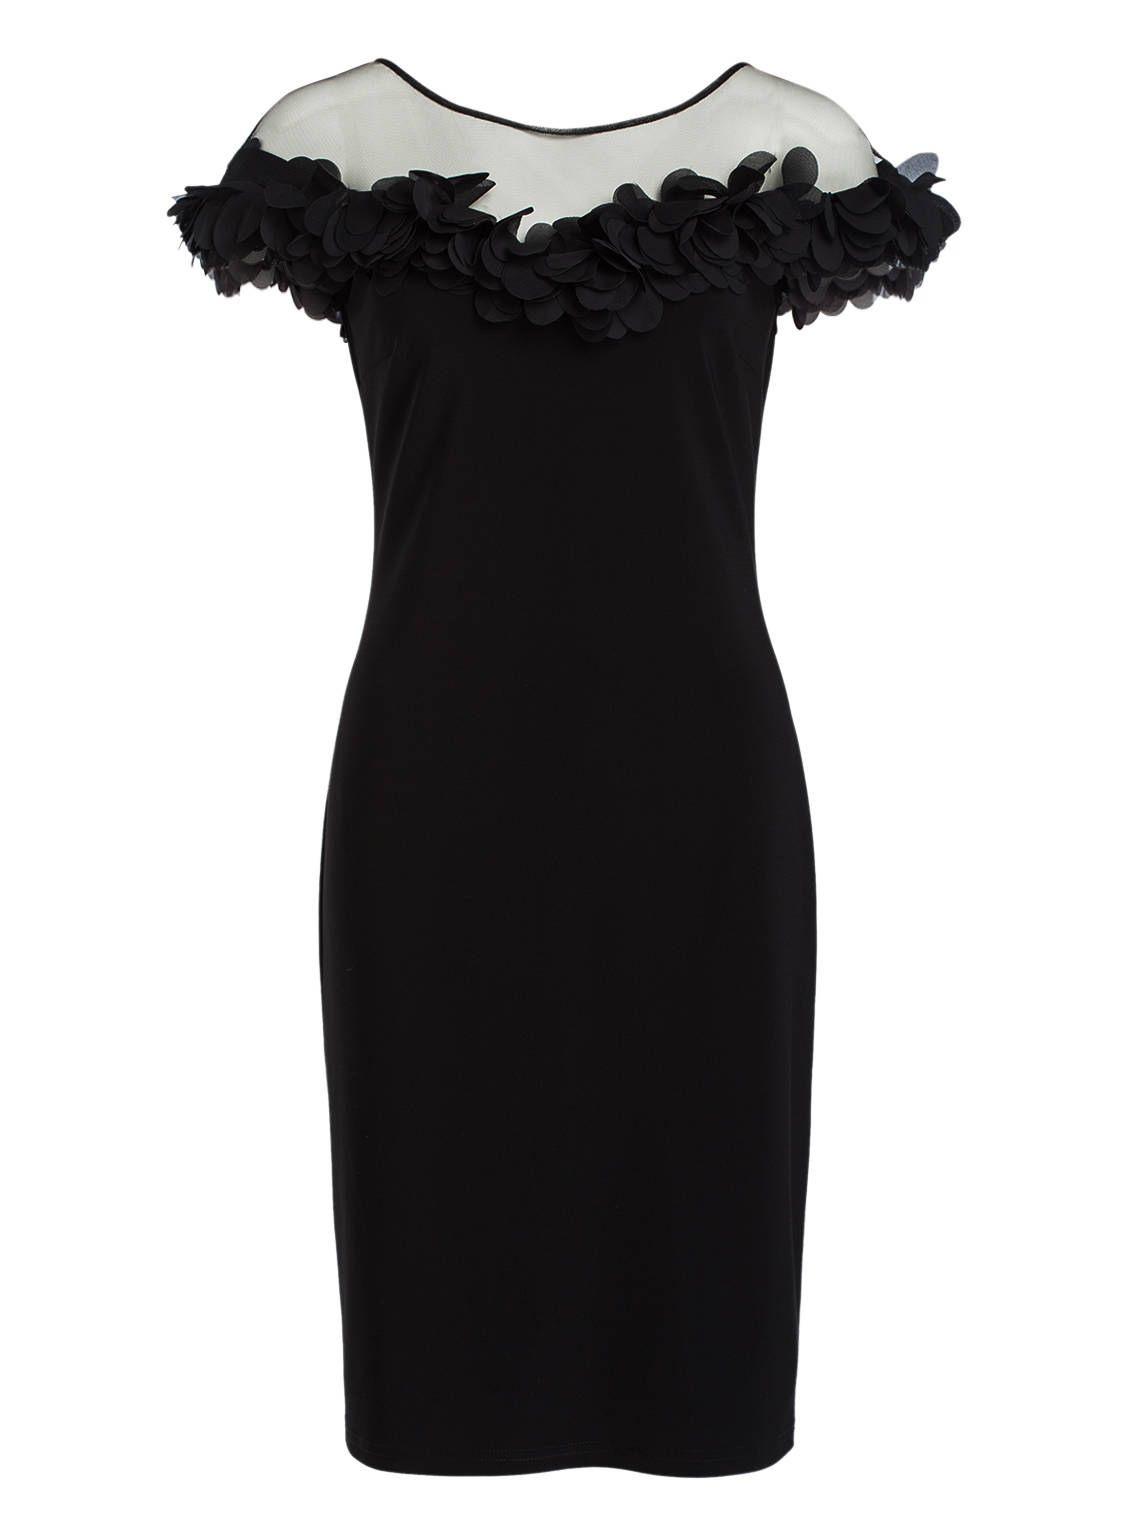 Abend Einzigartig Abendkleid Joseph Ribkoff Boutique - Abendkleid